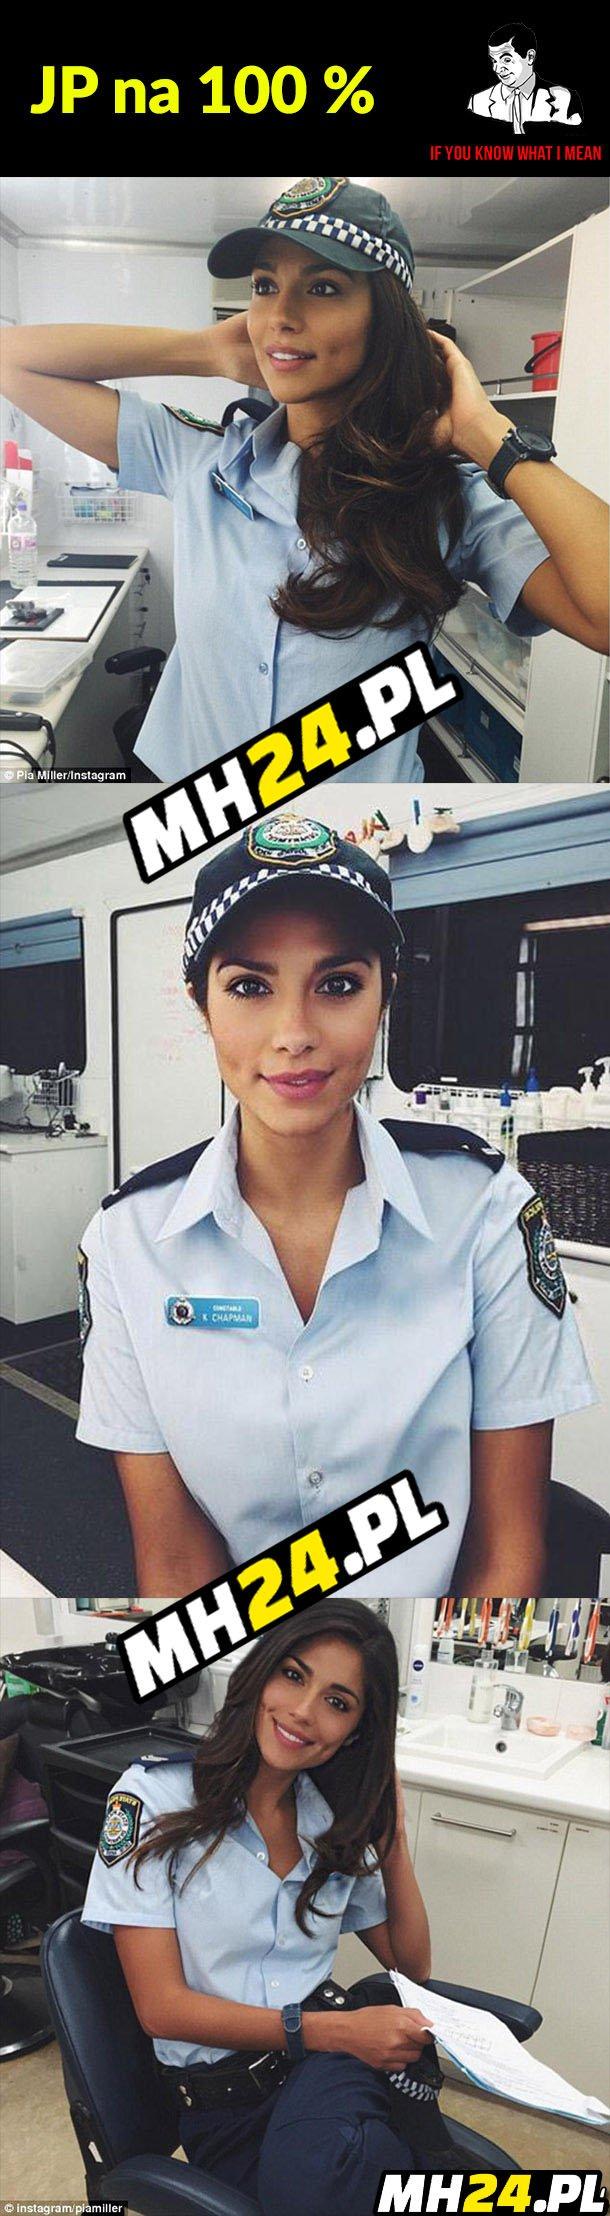 Ładna policjantka